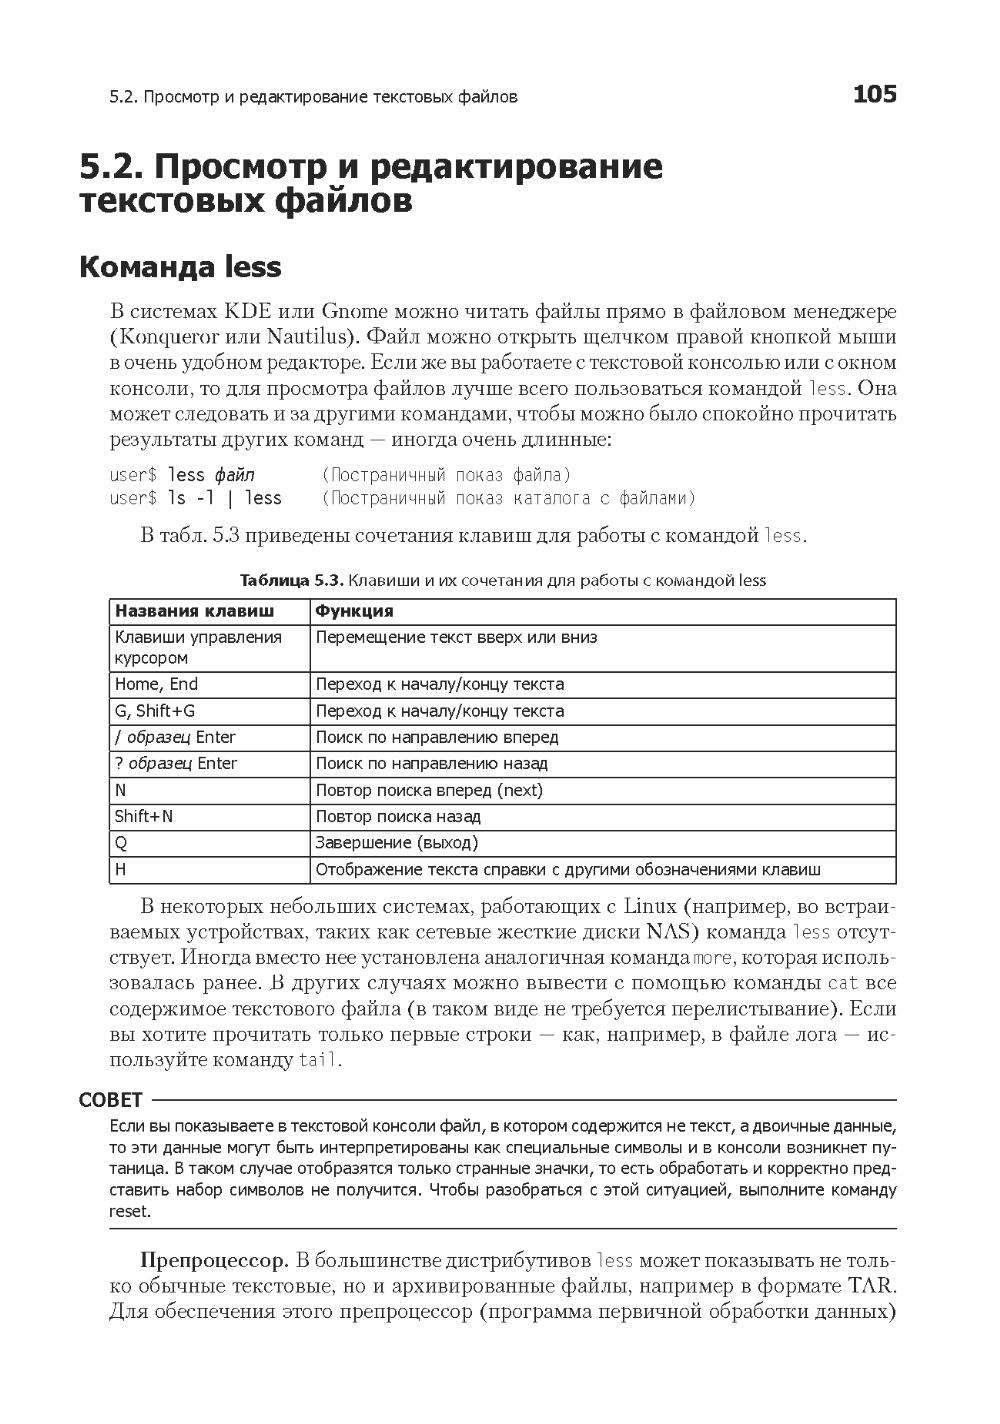 http://i6.imageban.ru/out/2013/12/11/aaccd6f4fb337b511cac961a200e3a8d.jpg